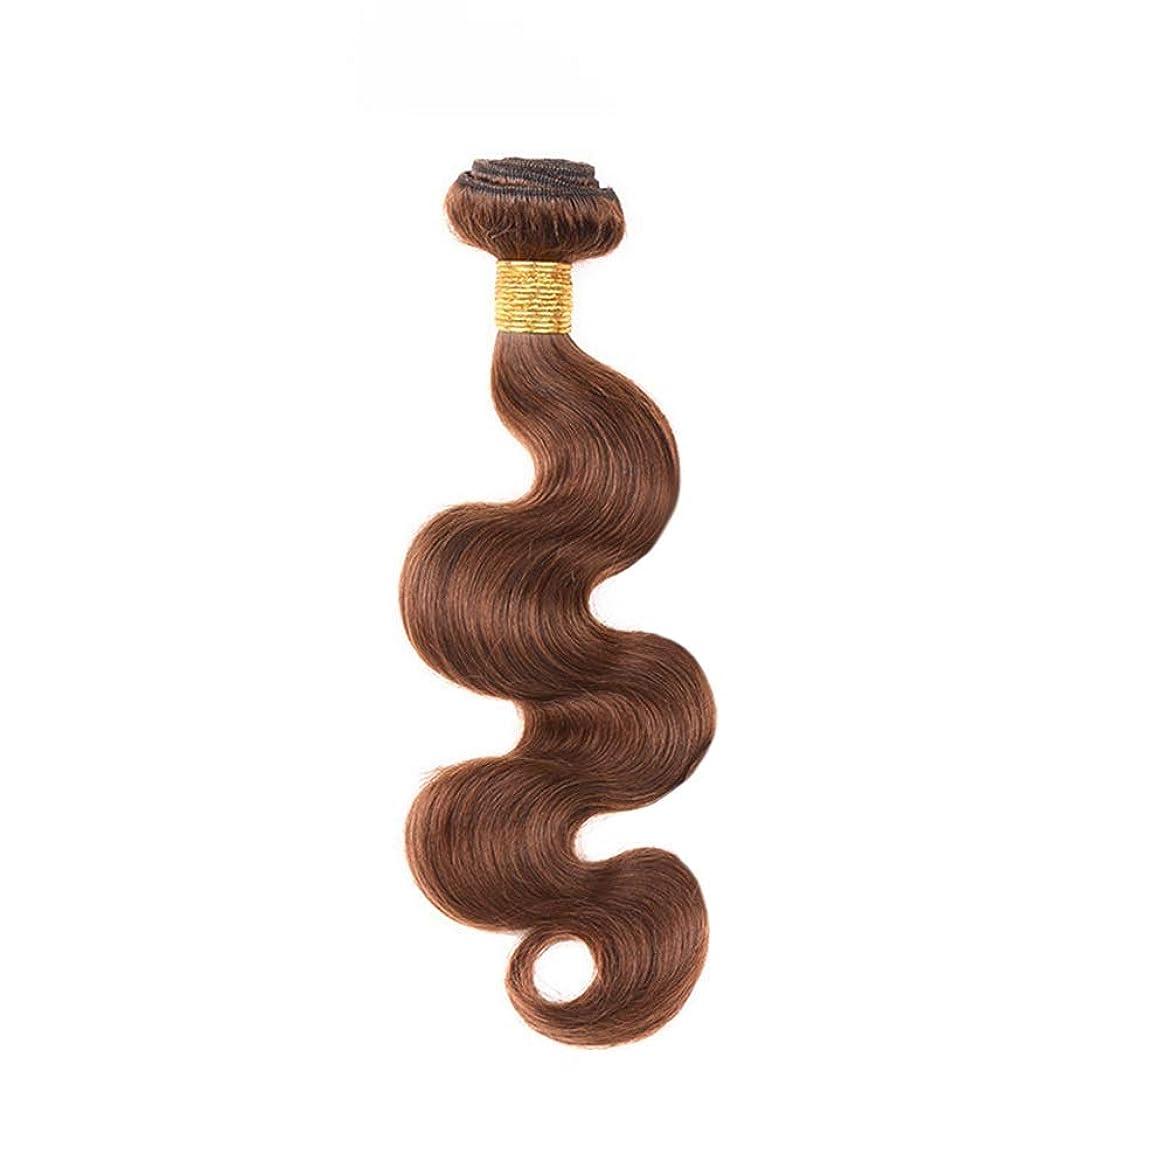 扱う宴会ホストBOBIDYEE 茶色の人間の髪織りバンドルリアルレミーナチュラルヘアエクステンション横糸 - 実体波 - 4#ブラウン(1バンドル、10インチ-24インチ、100g)合成髪レースかつらロールプレイングウィッグロング&ショート女性自然 (色 : ブラウン, サイズ : 10 inch)